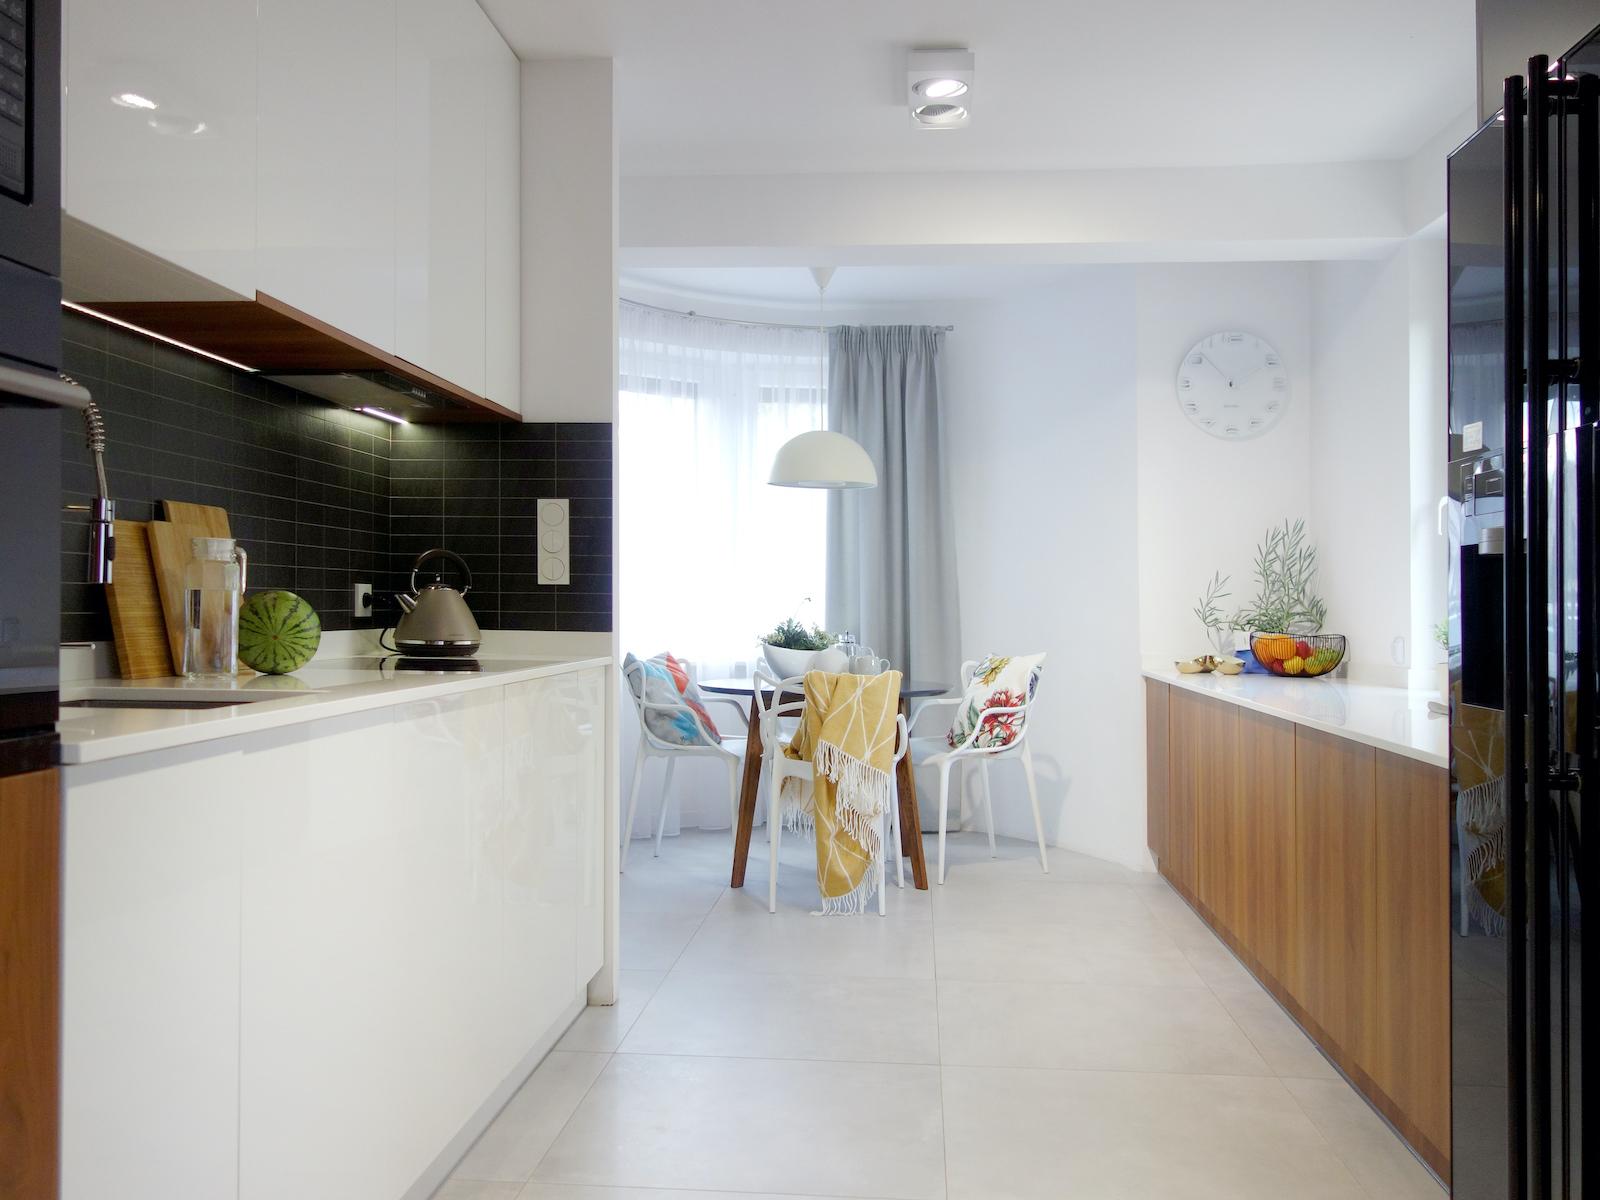 13 projektant wnetrz R056 dom dabrowa gornicza kuchnia zabudowa meblowa biale fronty lodowka side by side